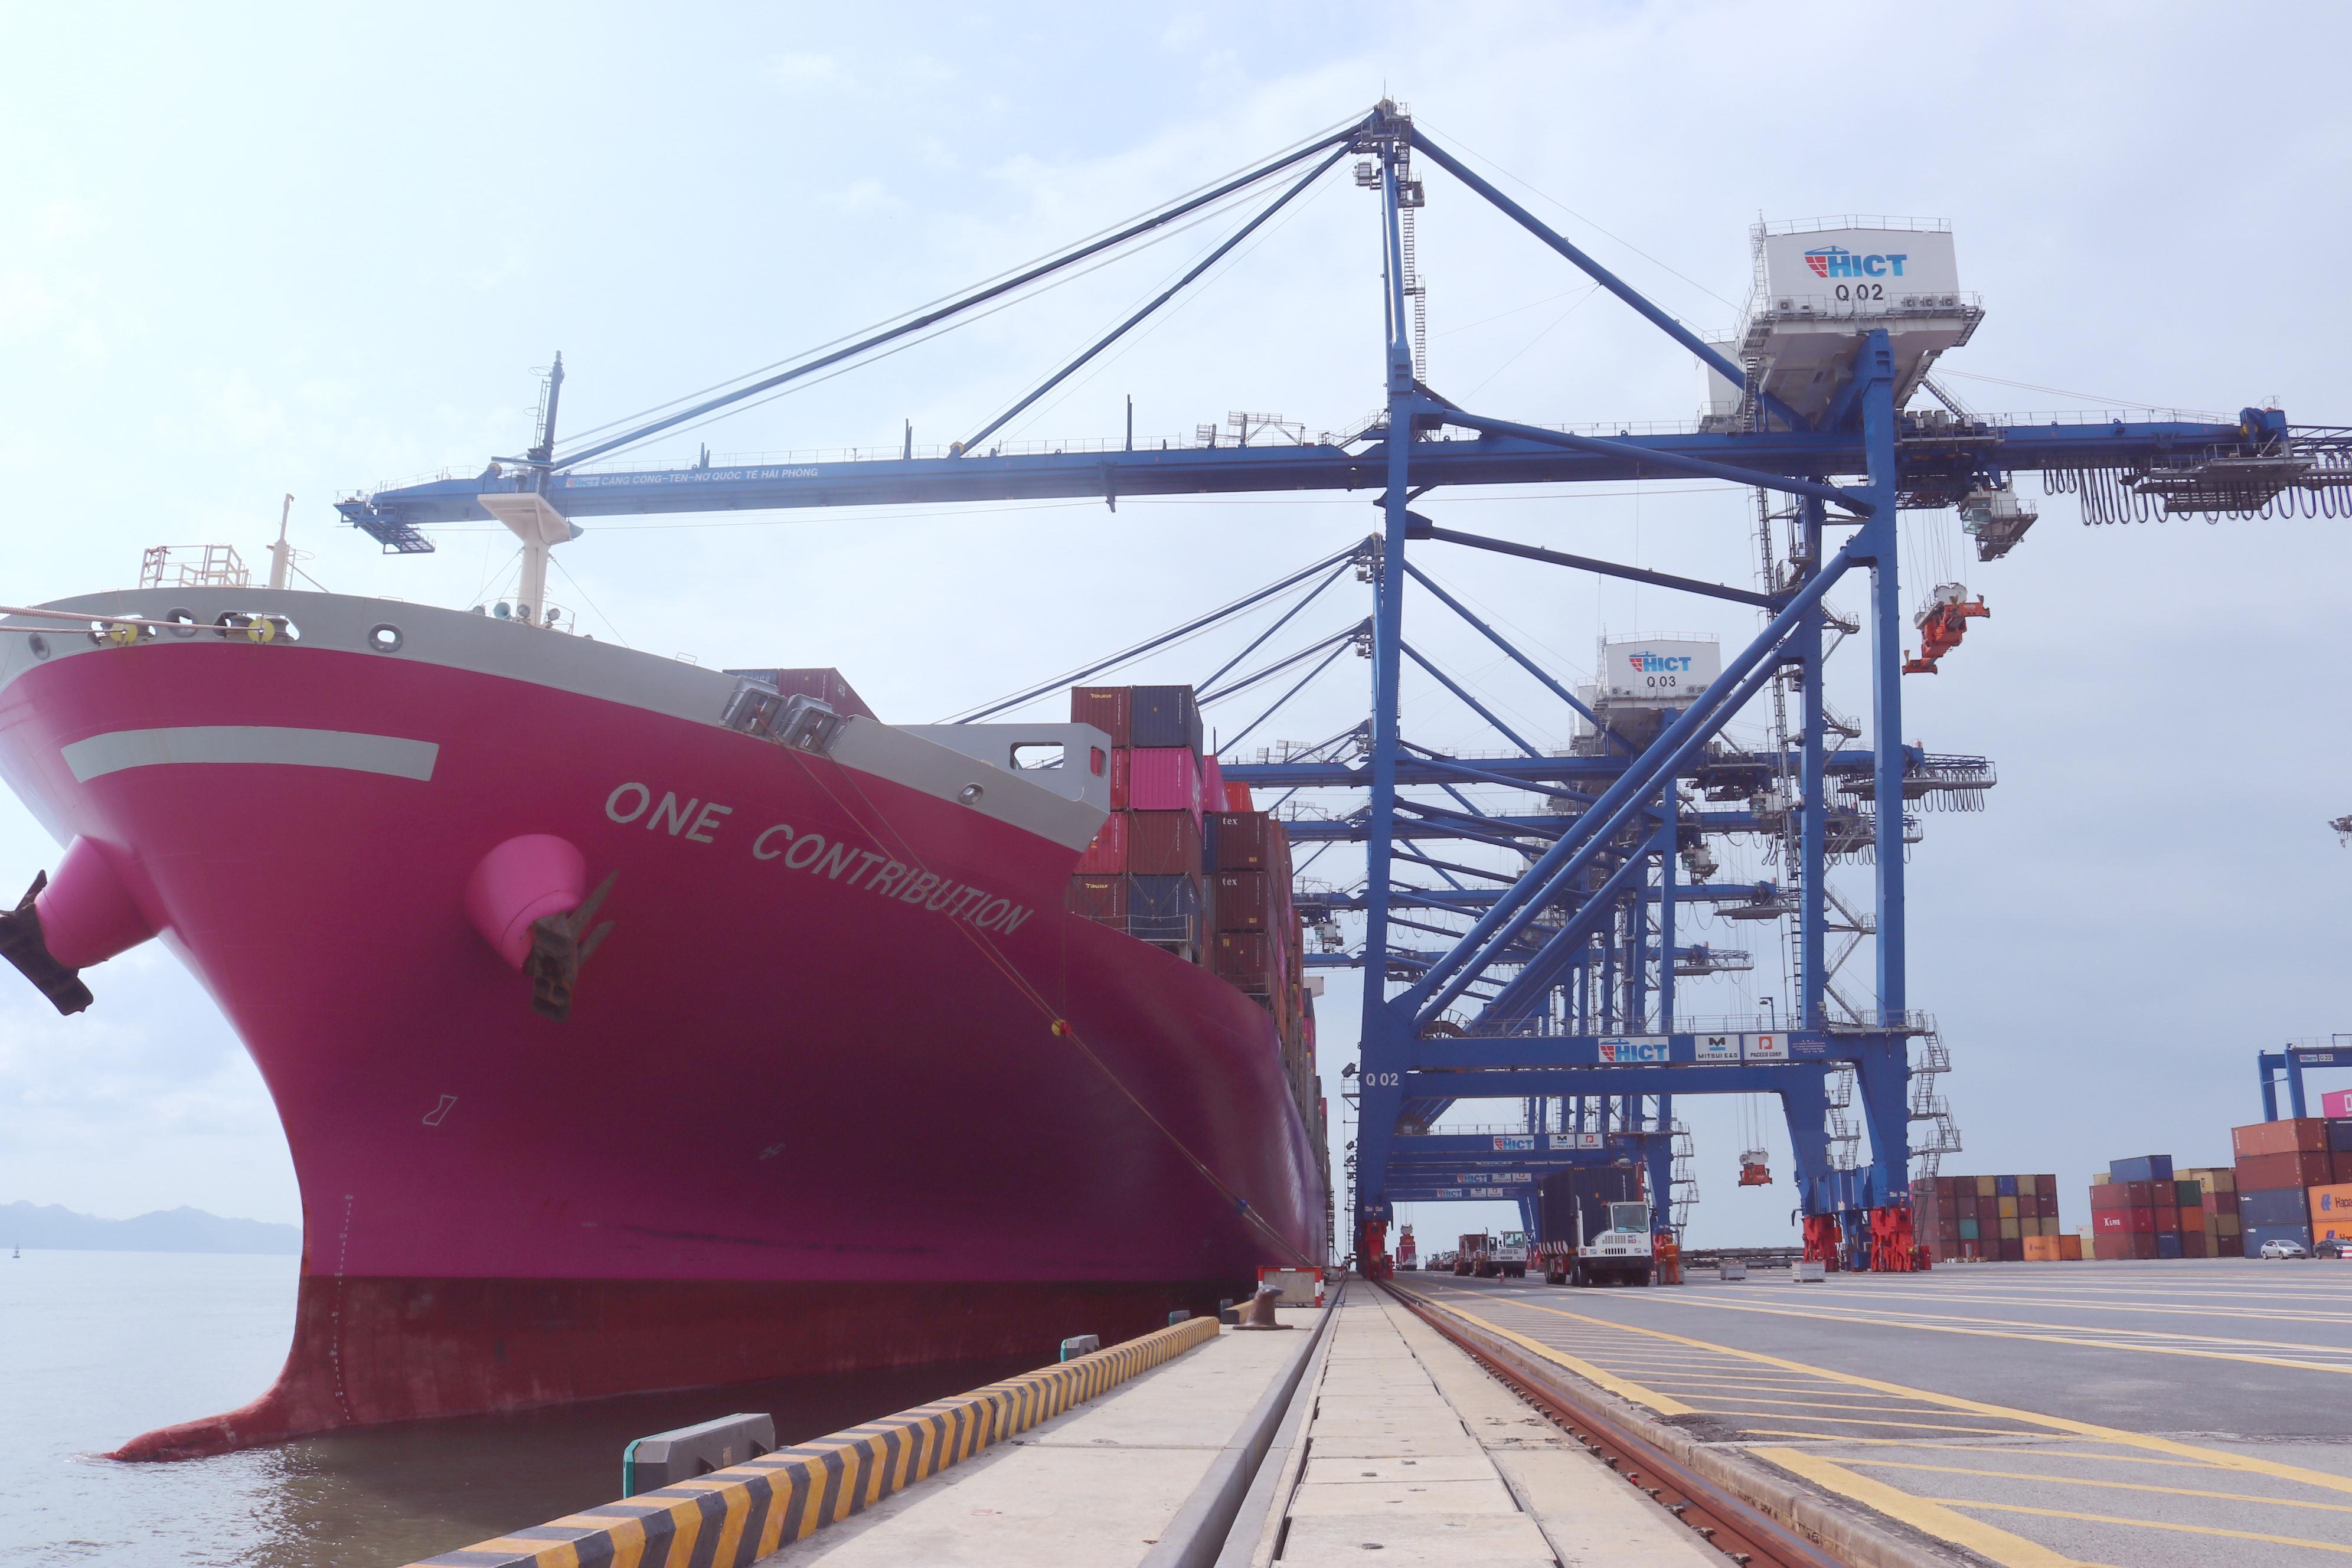 Cảng container Quốc tế Tân cảng Hải Phòng (TC-HICT) tiếp tục đón tuyến dịch vụ mới xuyên Thái Bình Dương đi trực tiếp bờ Tây Hoa Kỳ